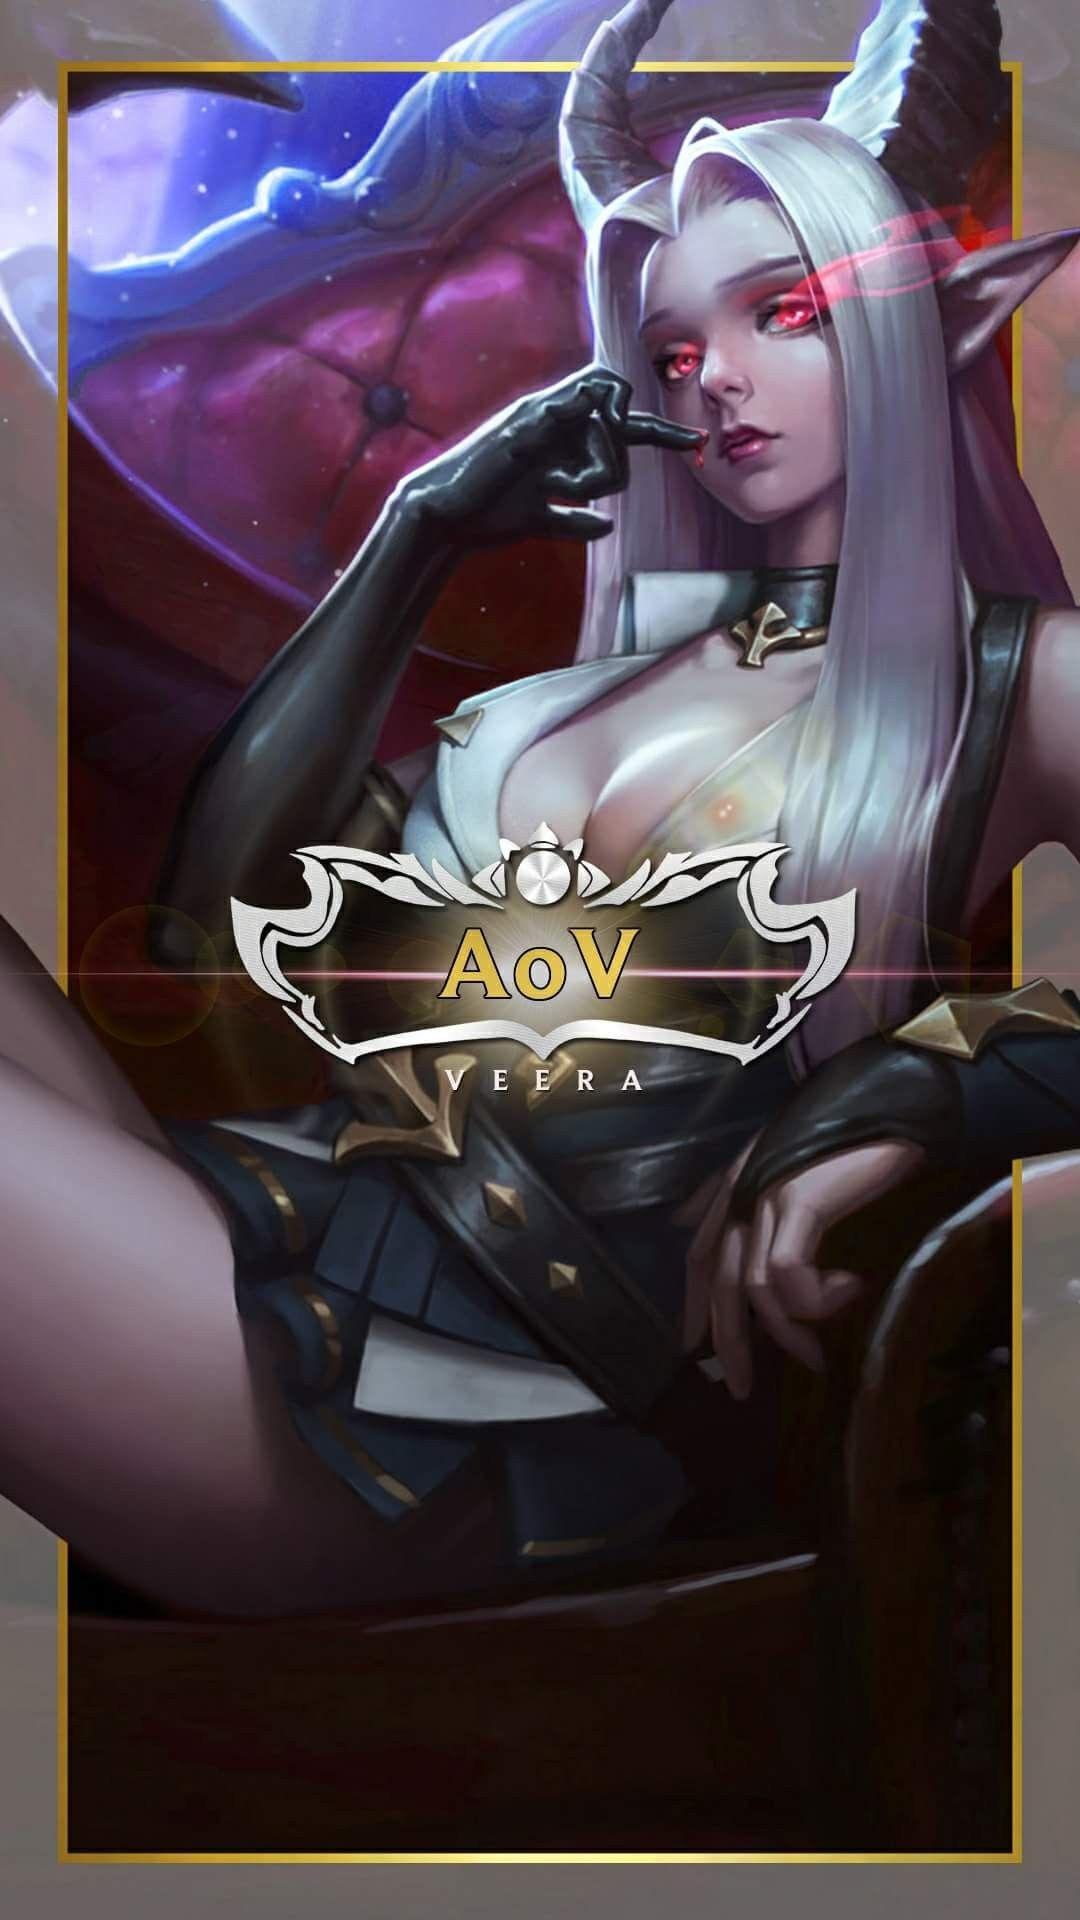 Veera Skin Arena Of Valor The Legend Of Heroes Mobile Legends Characters Tween